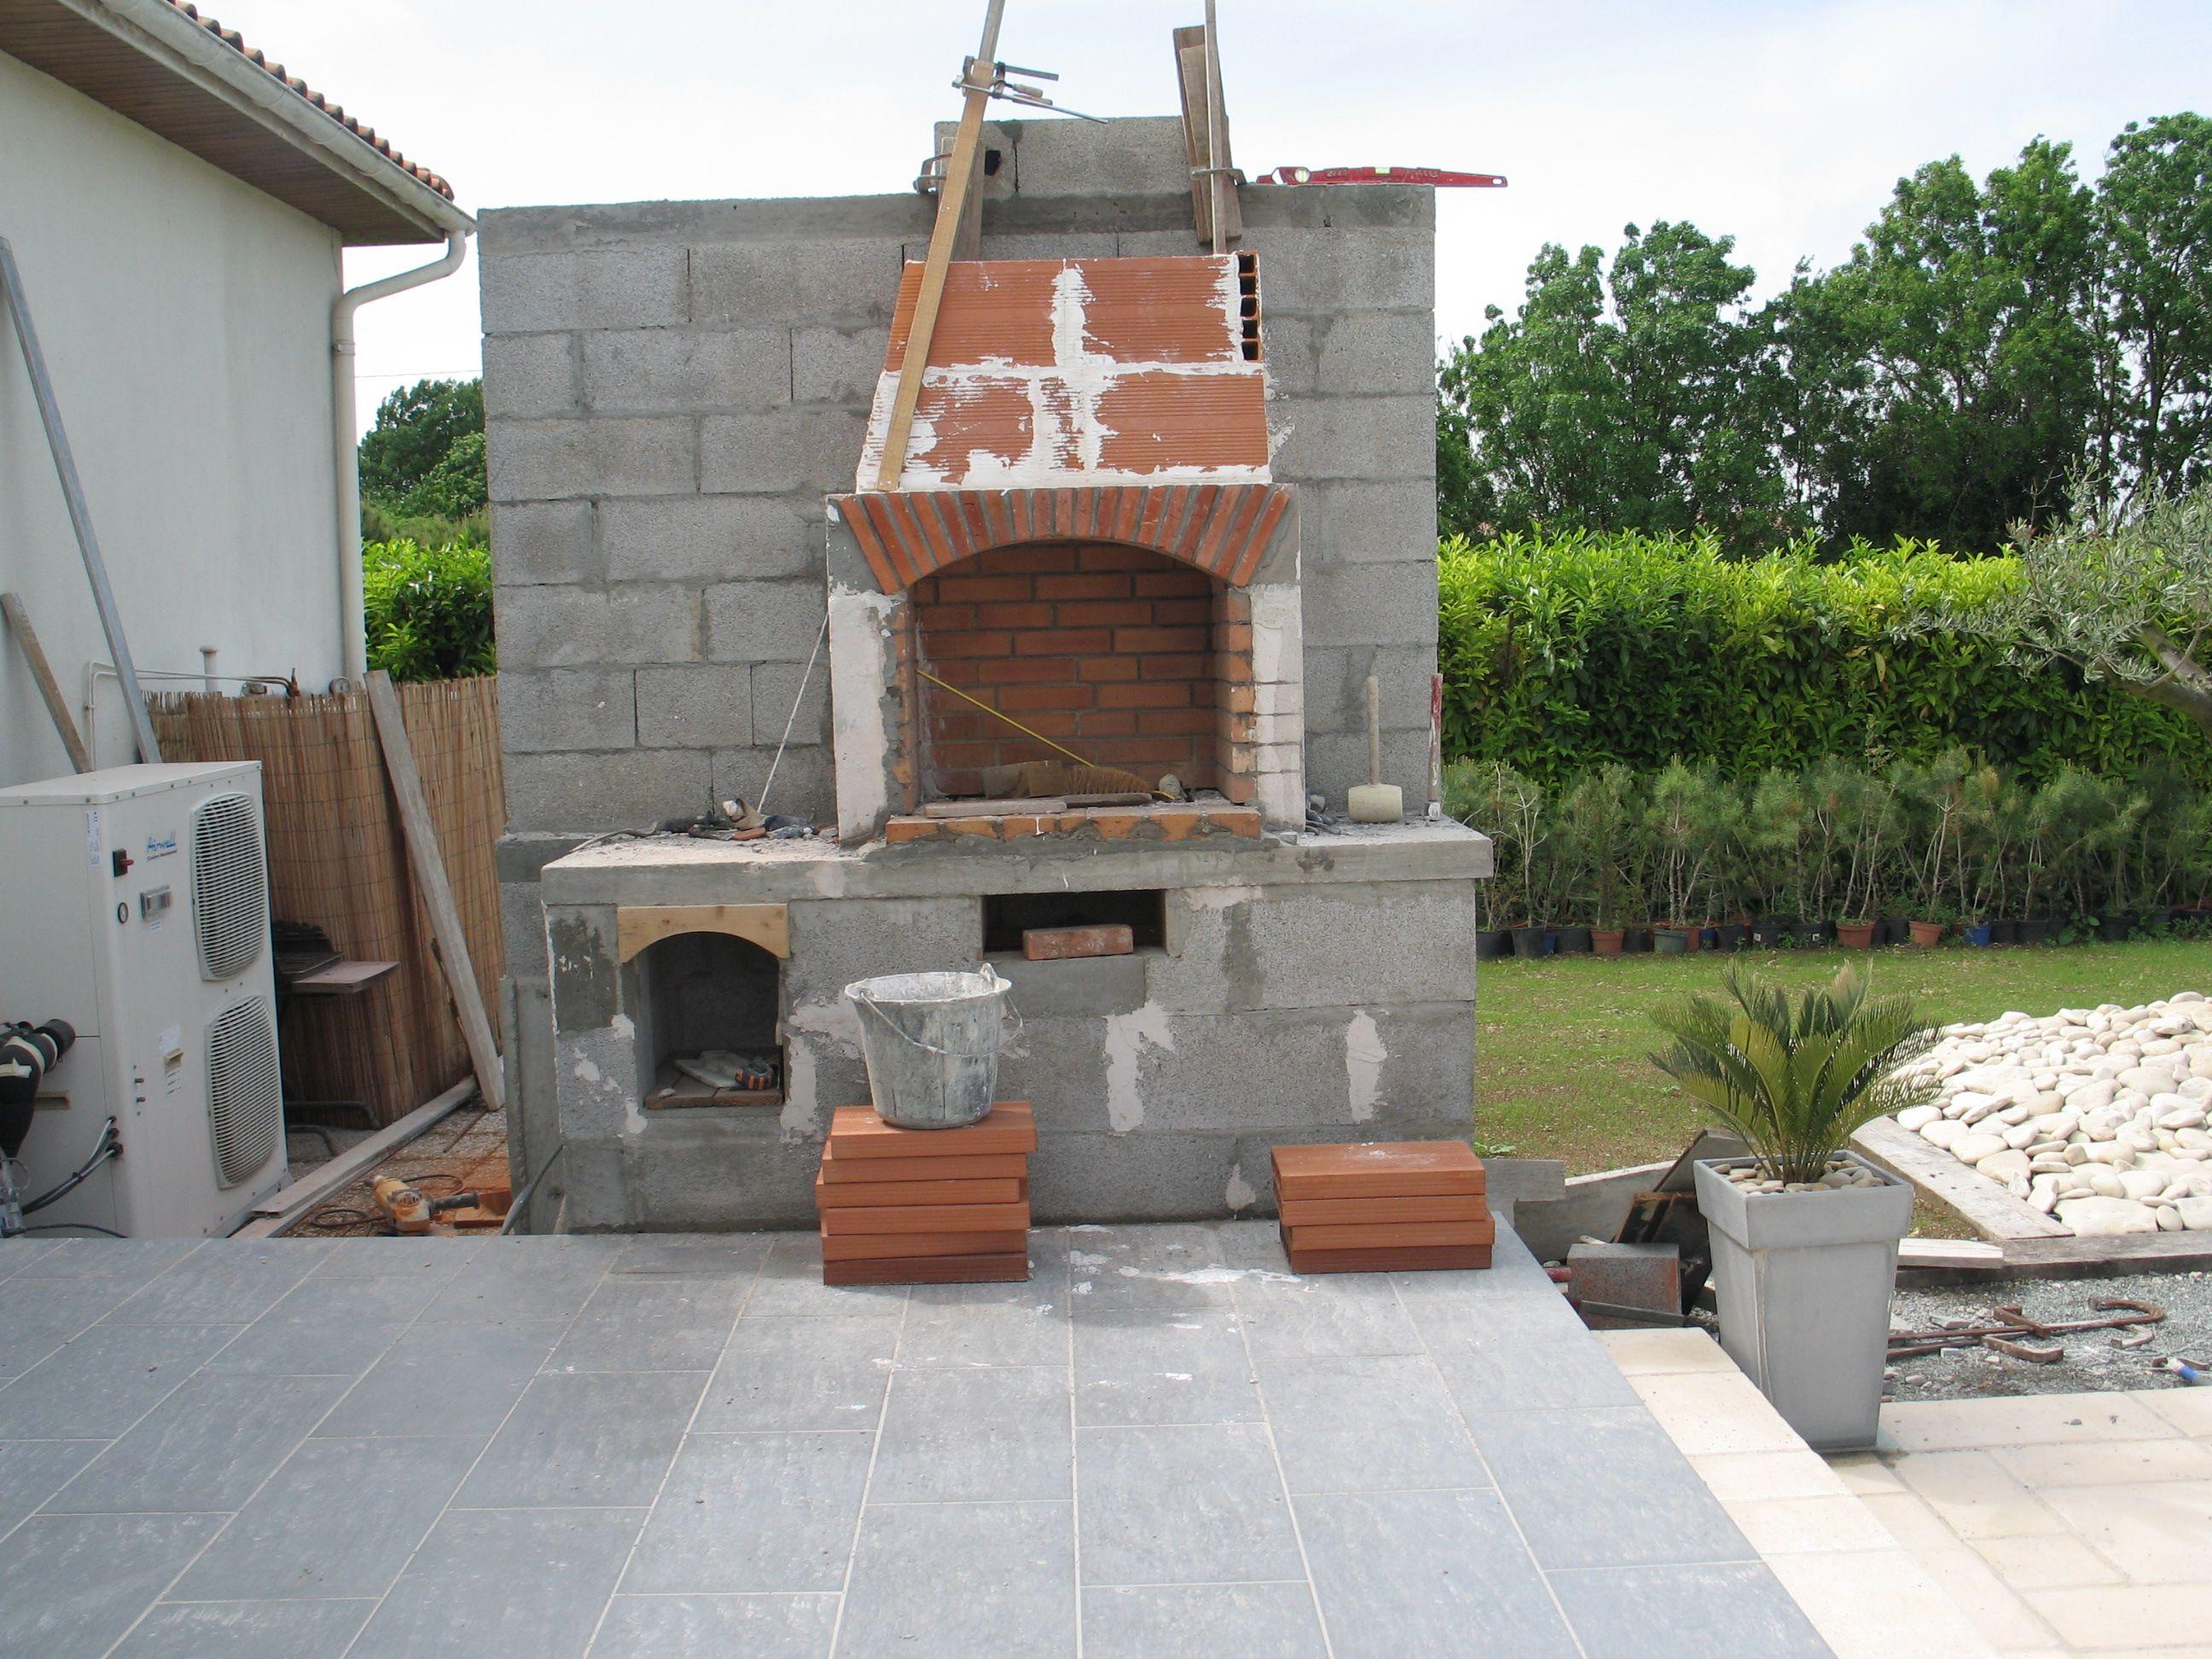 Charmant Construire Son Barbecue » Non Classé Conception